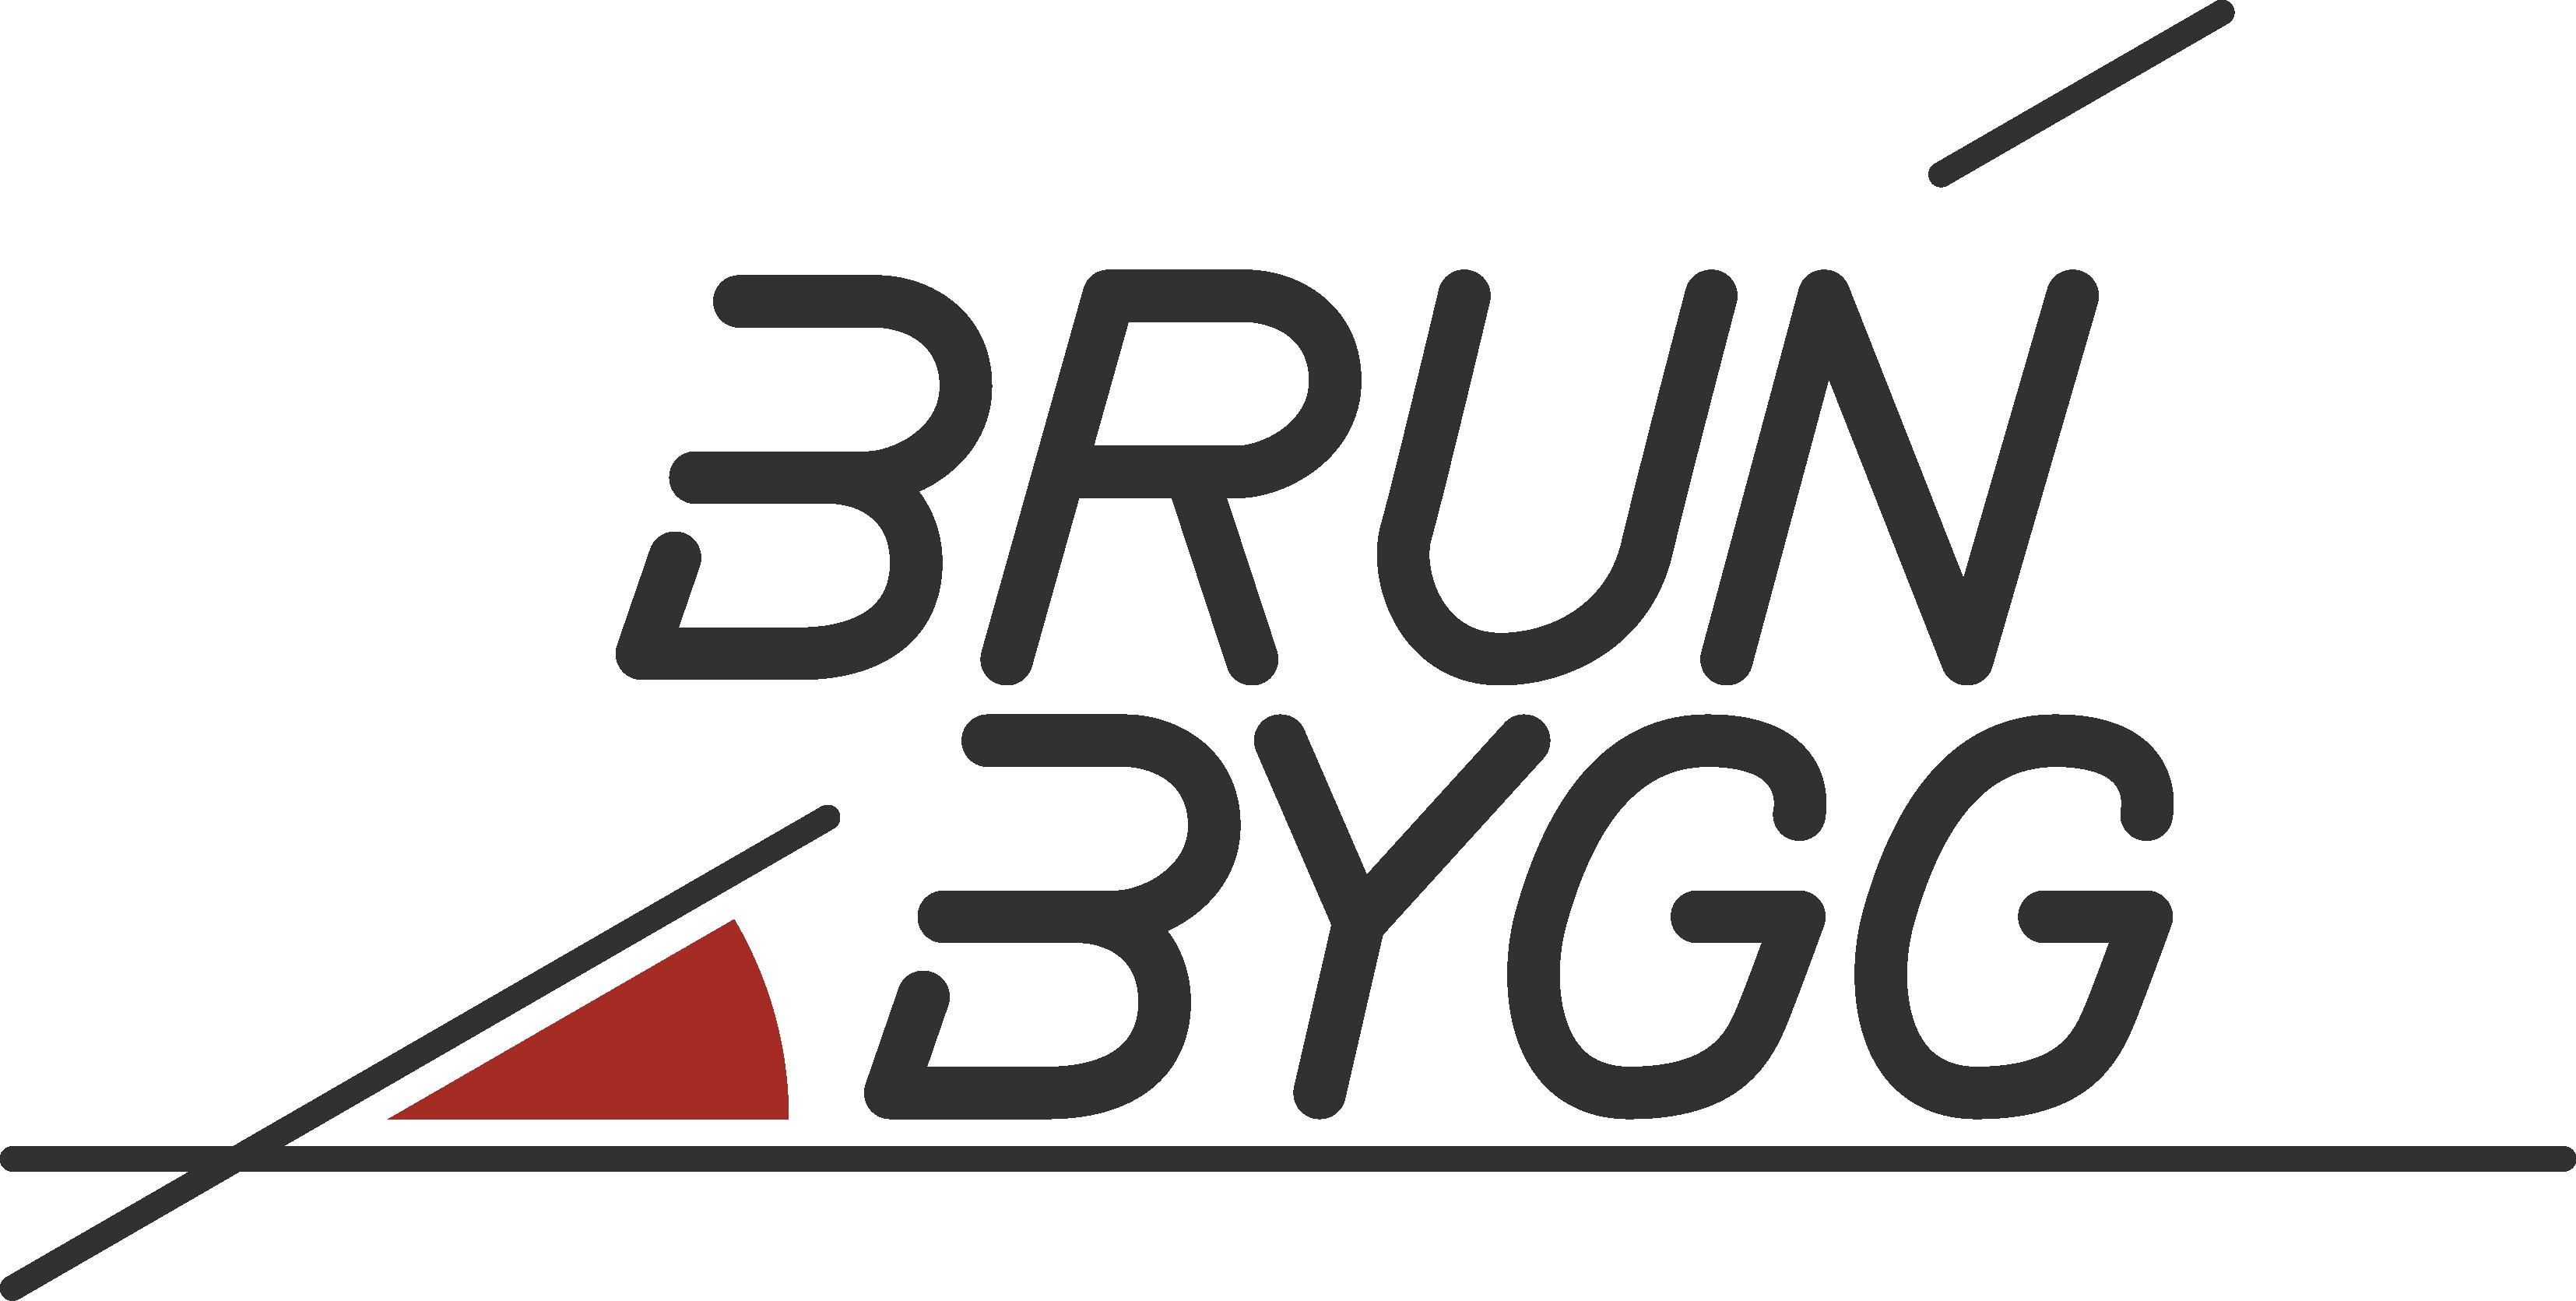 Brun Bygg